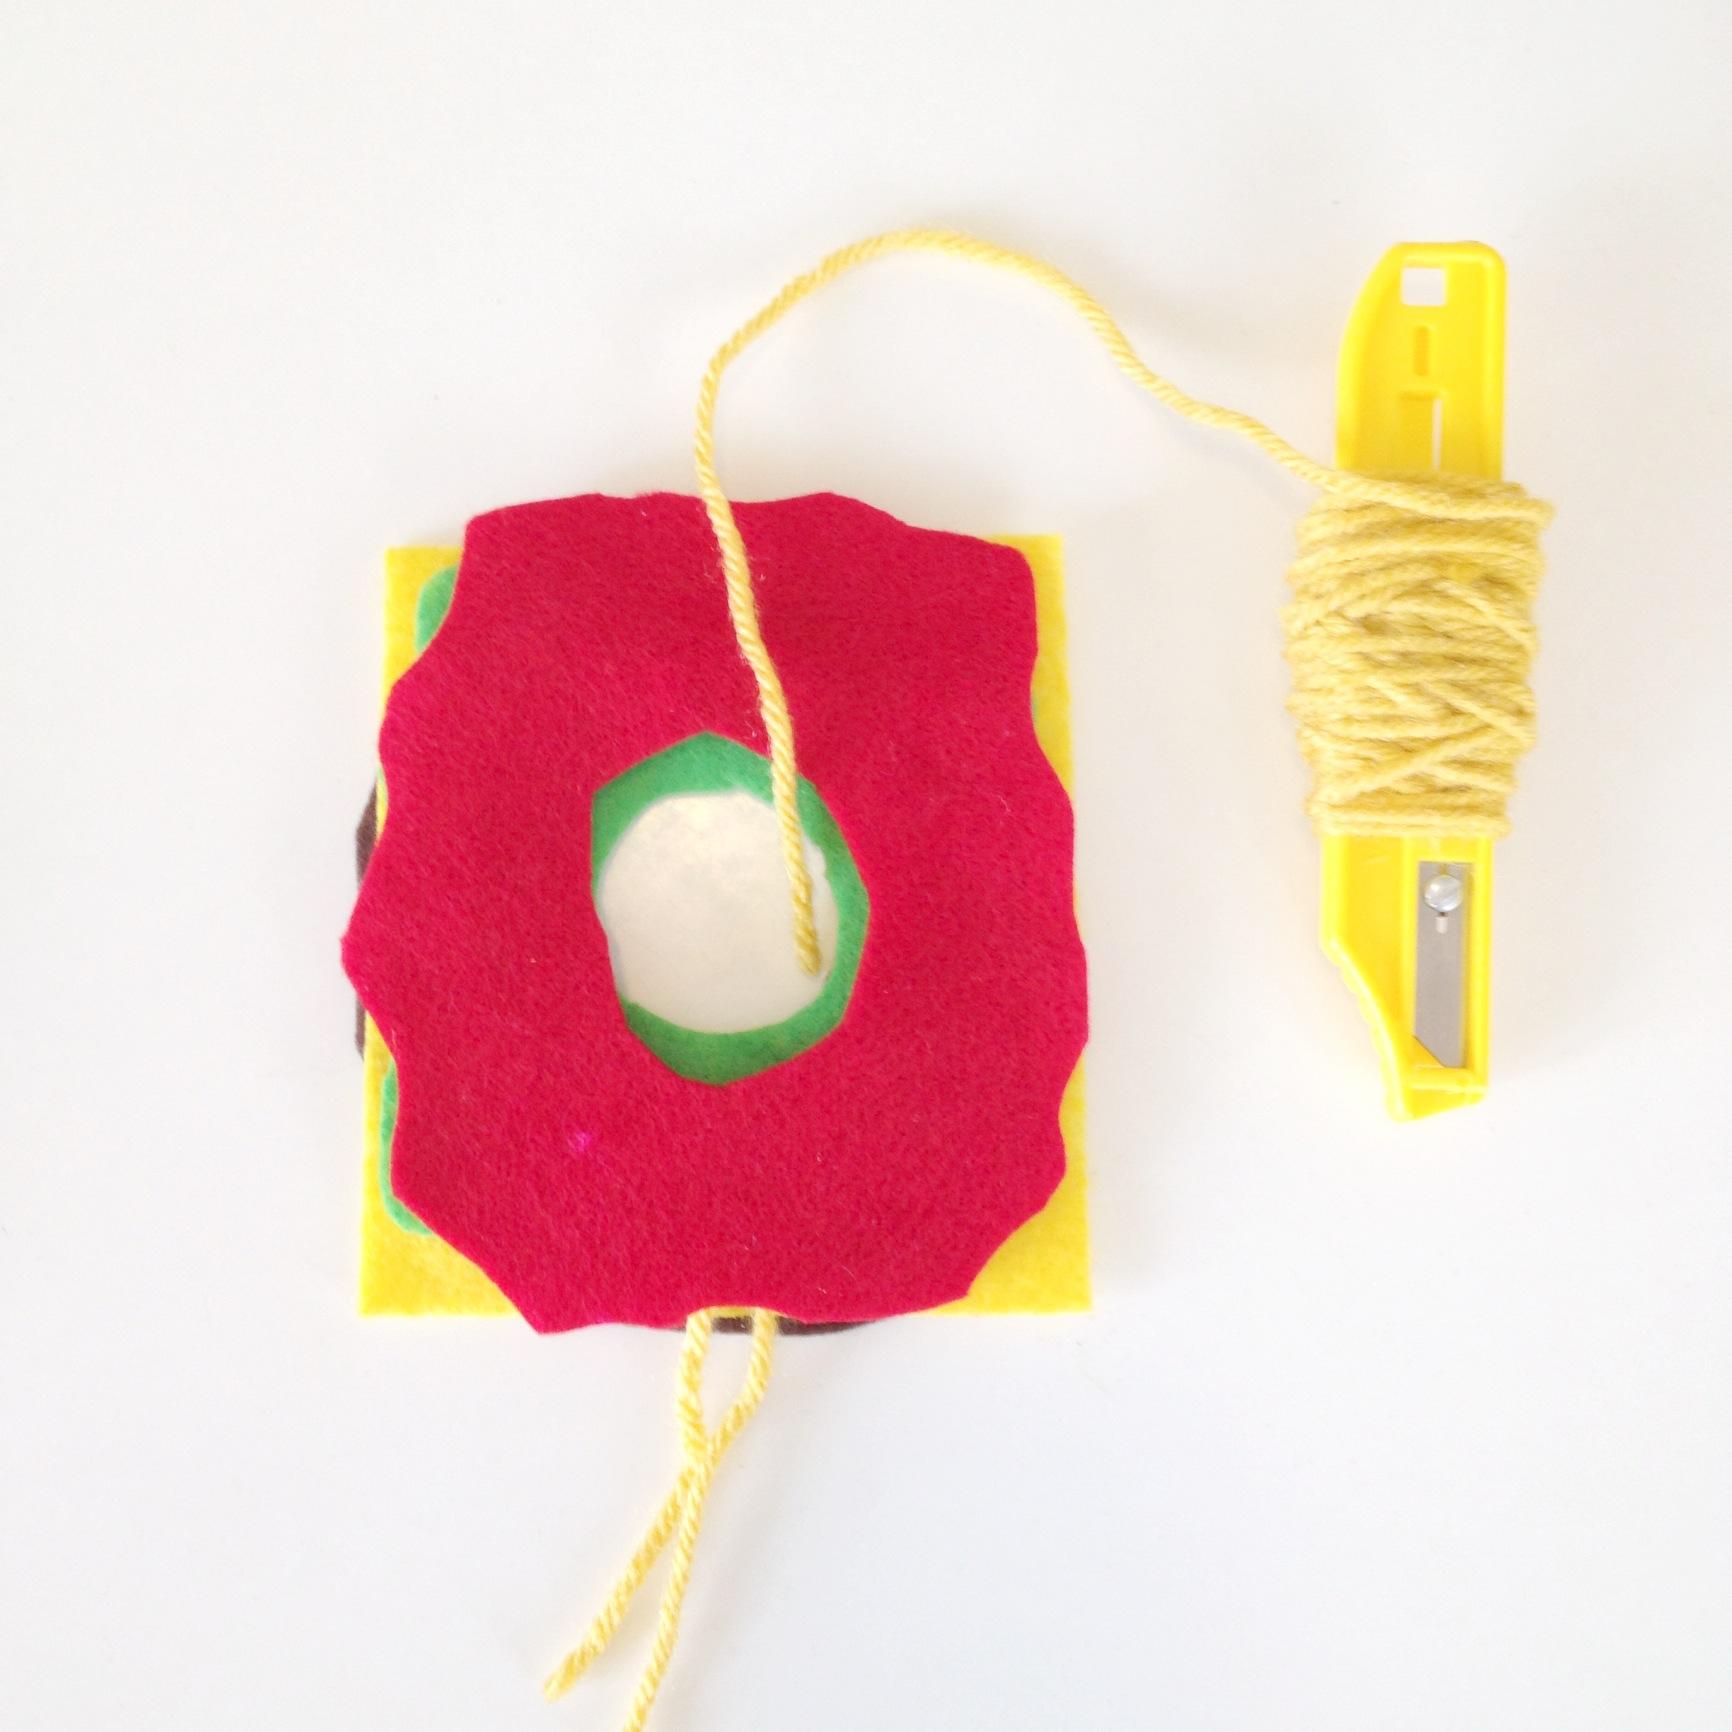 make a spool to save time   Make a Yarn Spool   How to Make a Pom Pom with Yarn   DIY Pom Pom Burger from the Pop Shop America Blog